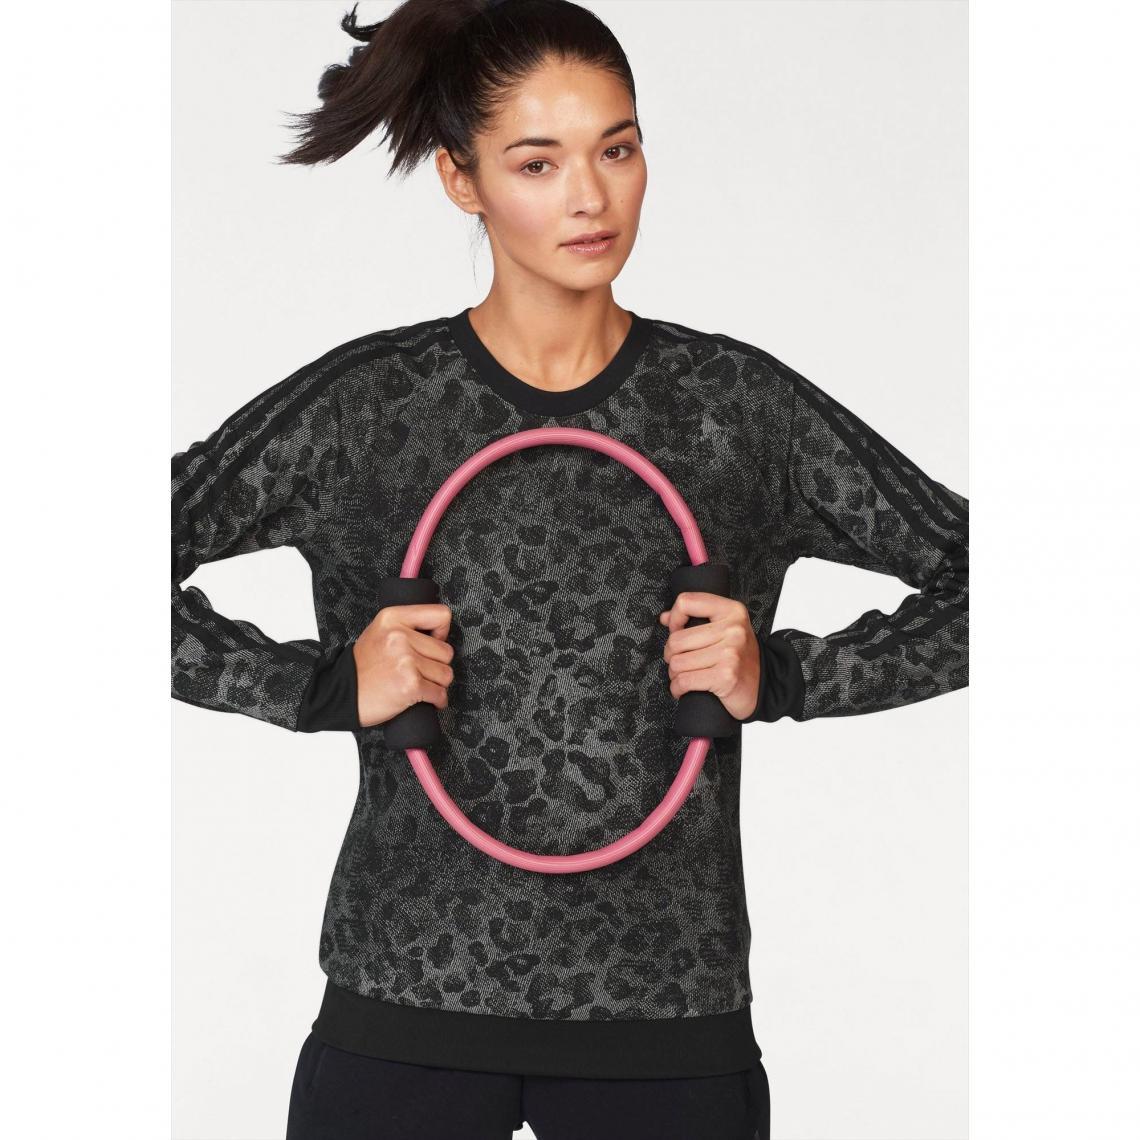 Noir Essential Sweat Performance® Femme 3suisses Adidas Qw8fih78a Aop 8Tdwz